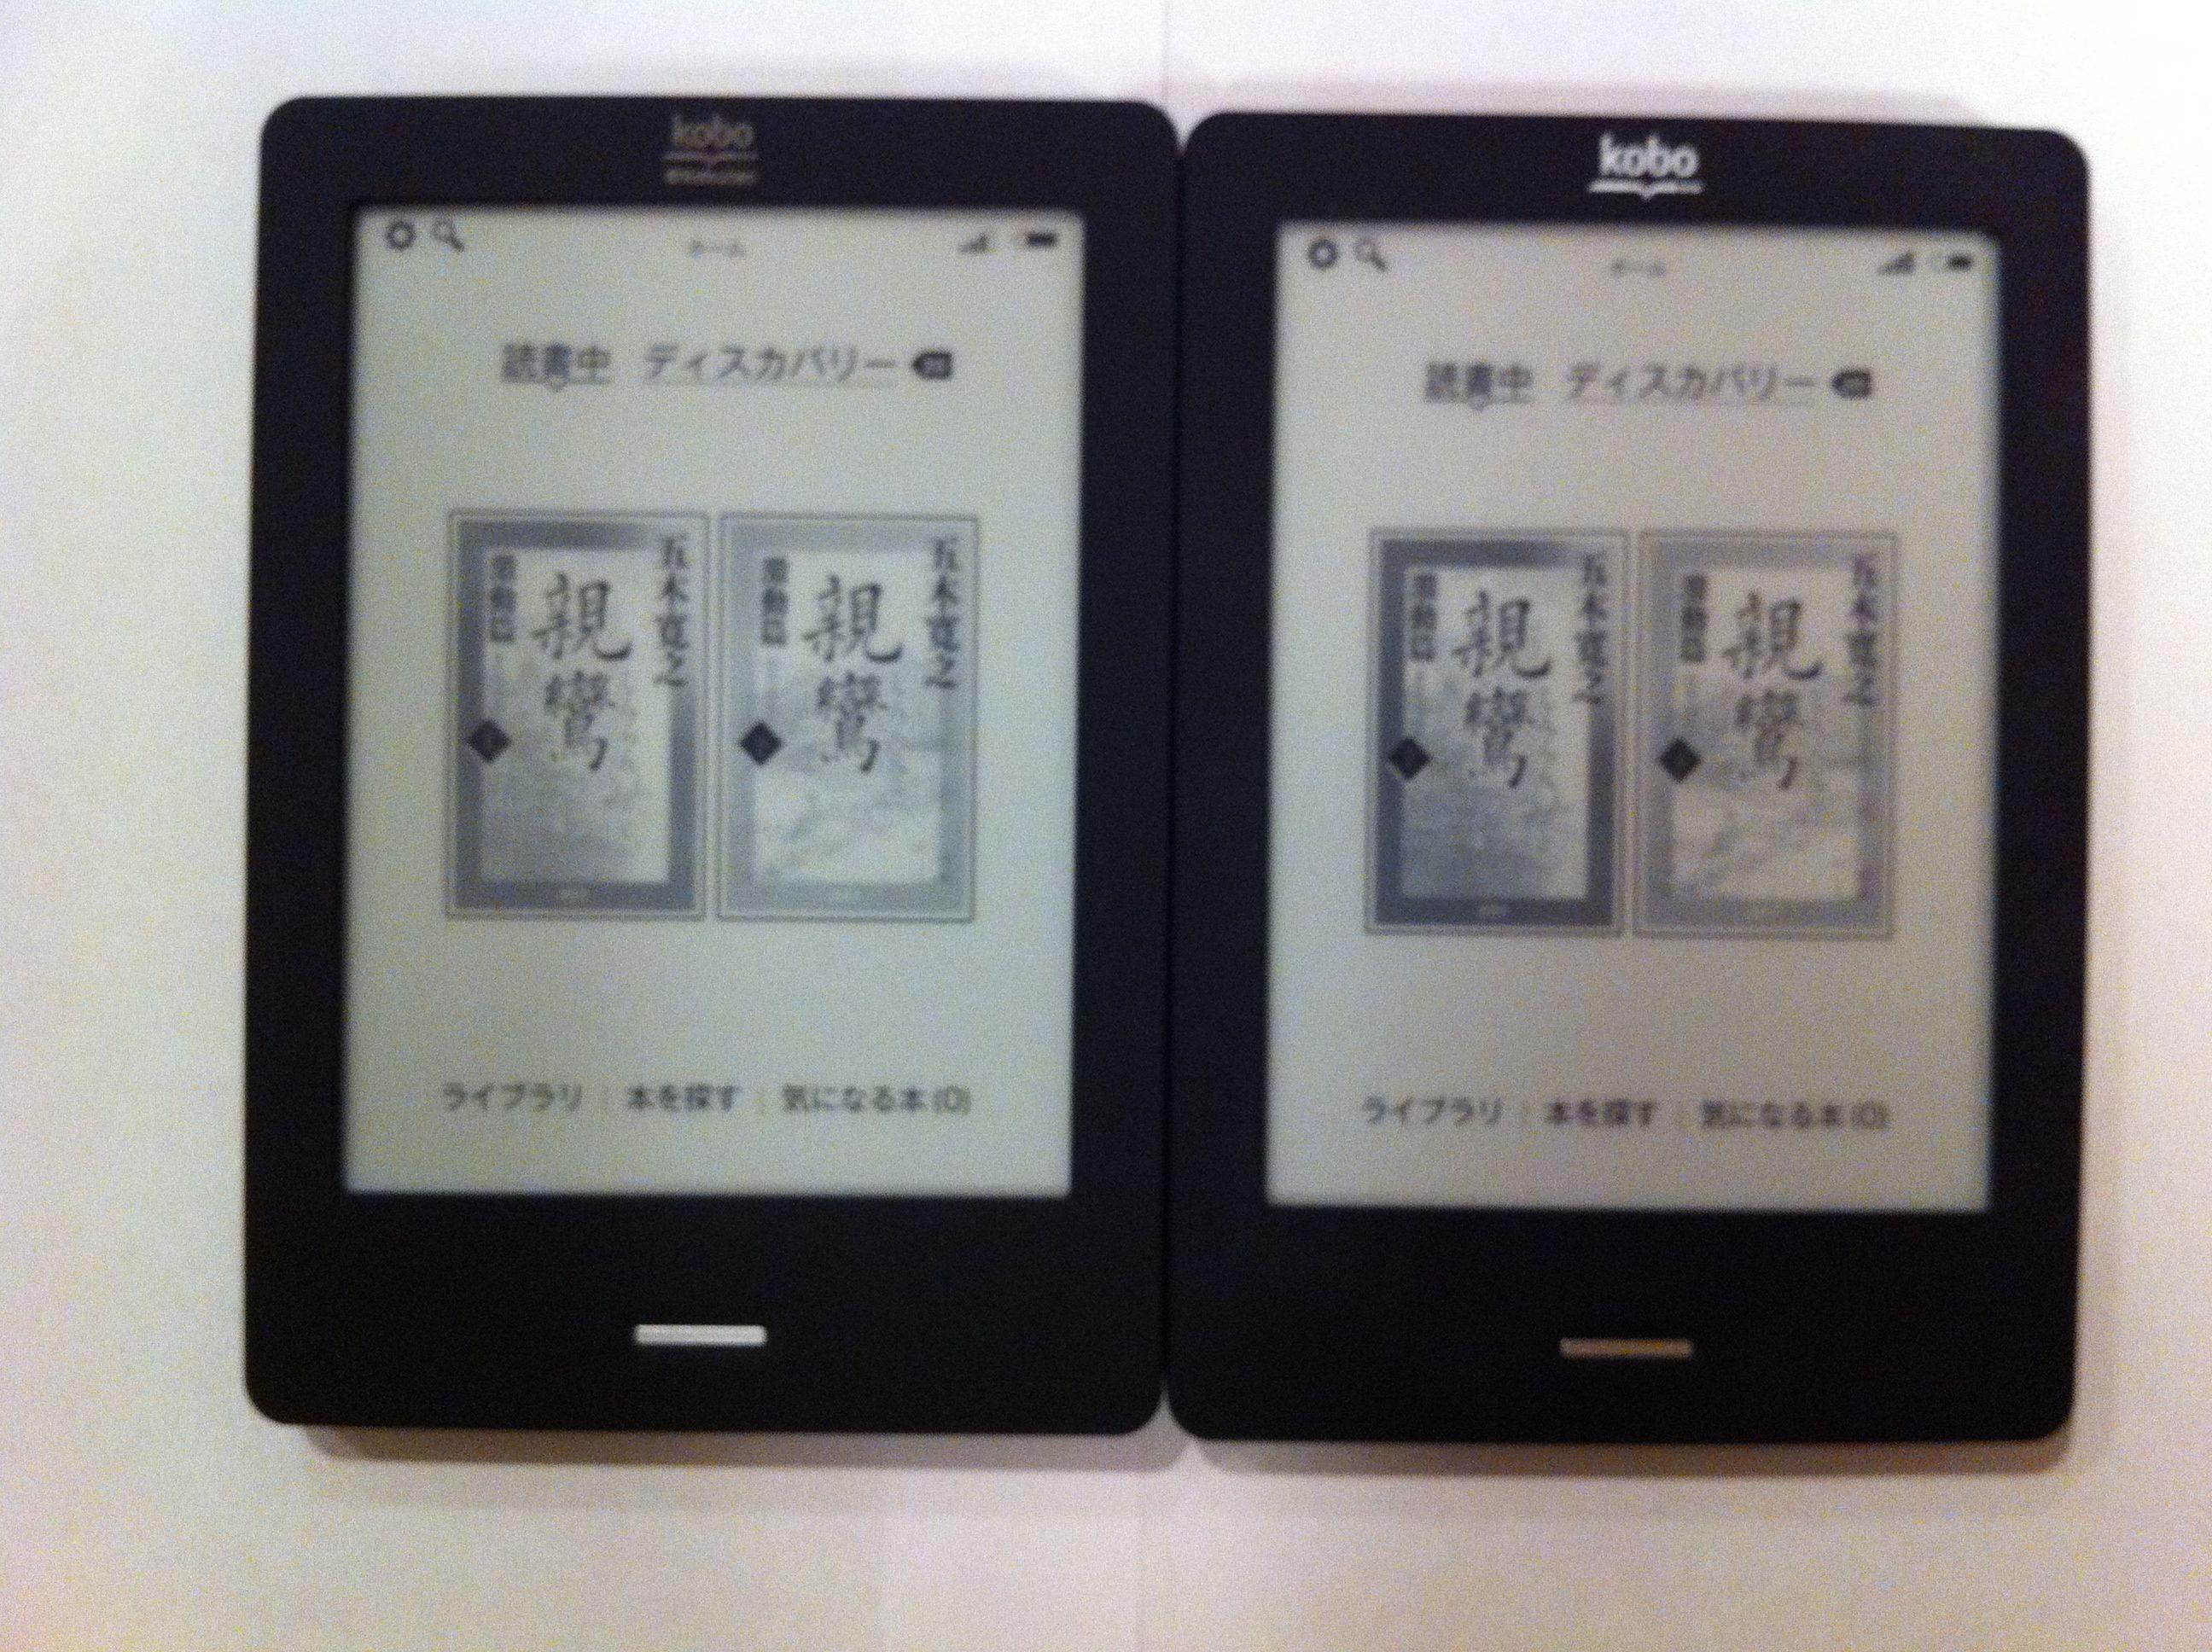 最初に社販で購入した方(右)も無事日本語化できたものの、、2個持っている必要はないか。